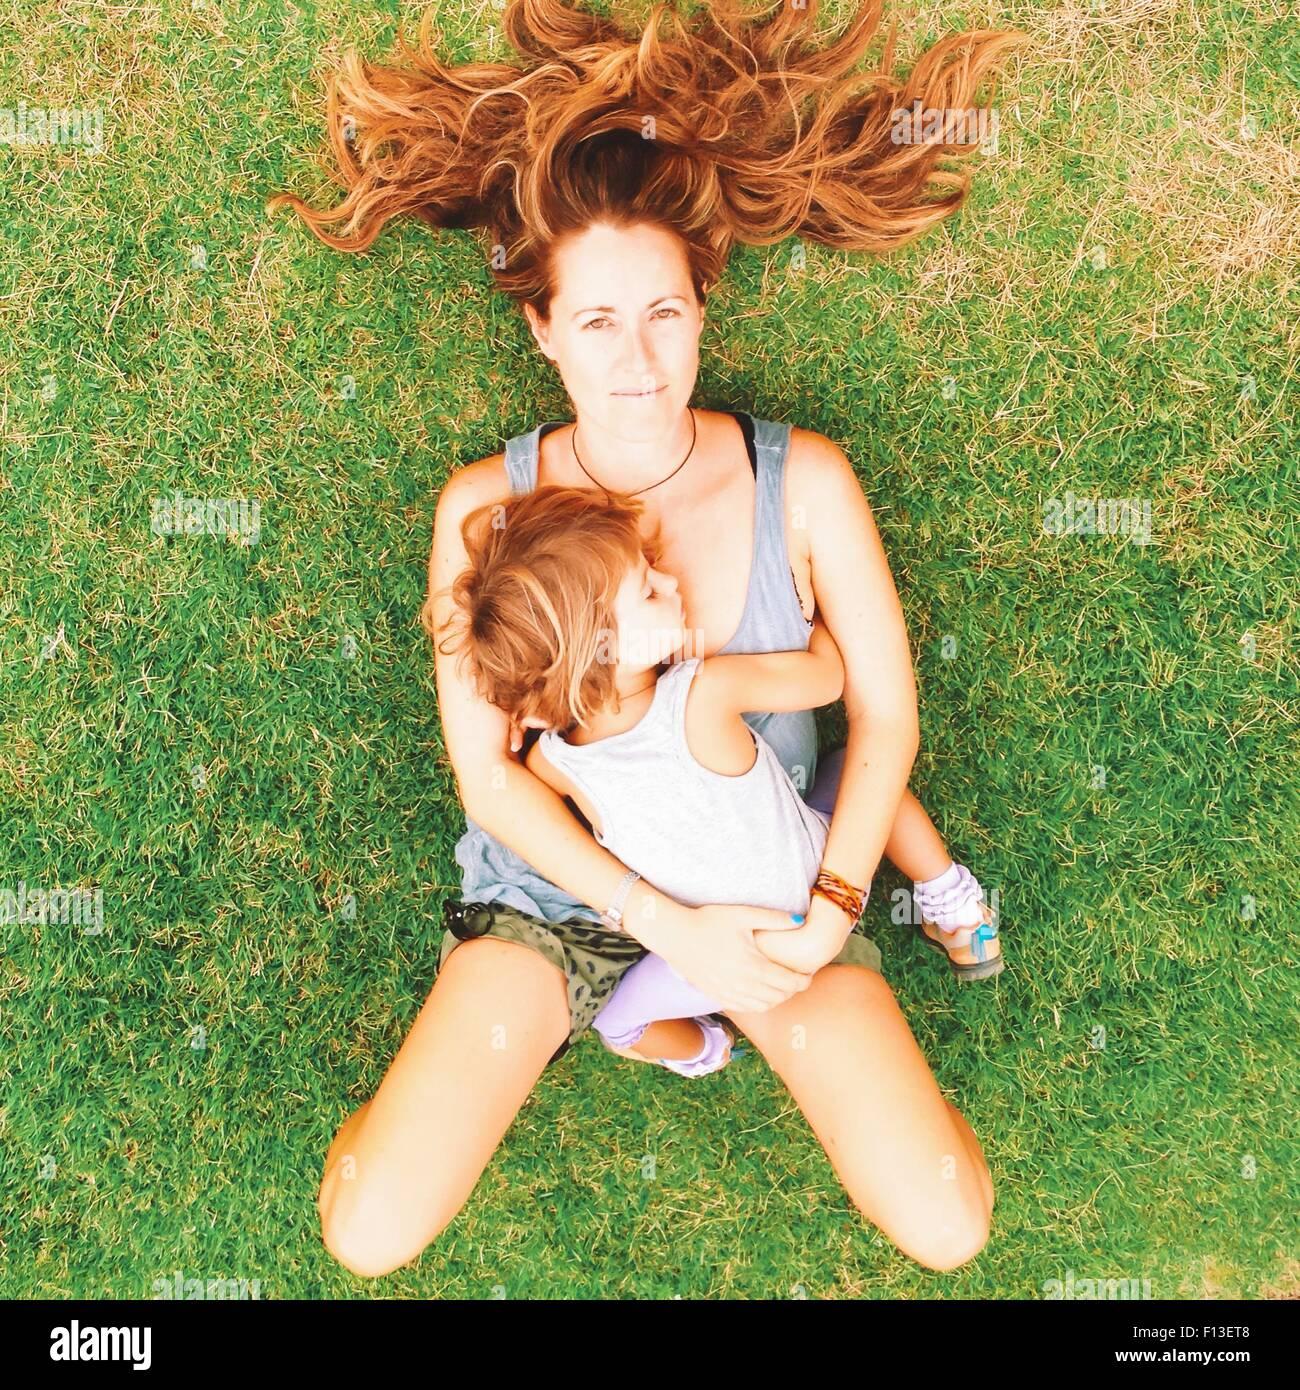 Vista aérea de una mujer acostada sobre la hierba con su hija Imagen De Stock